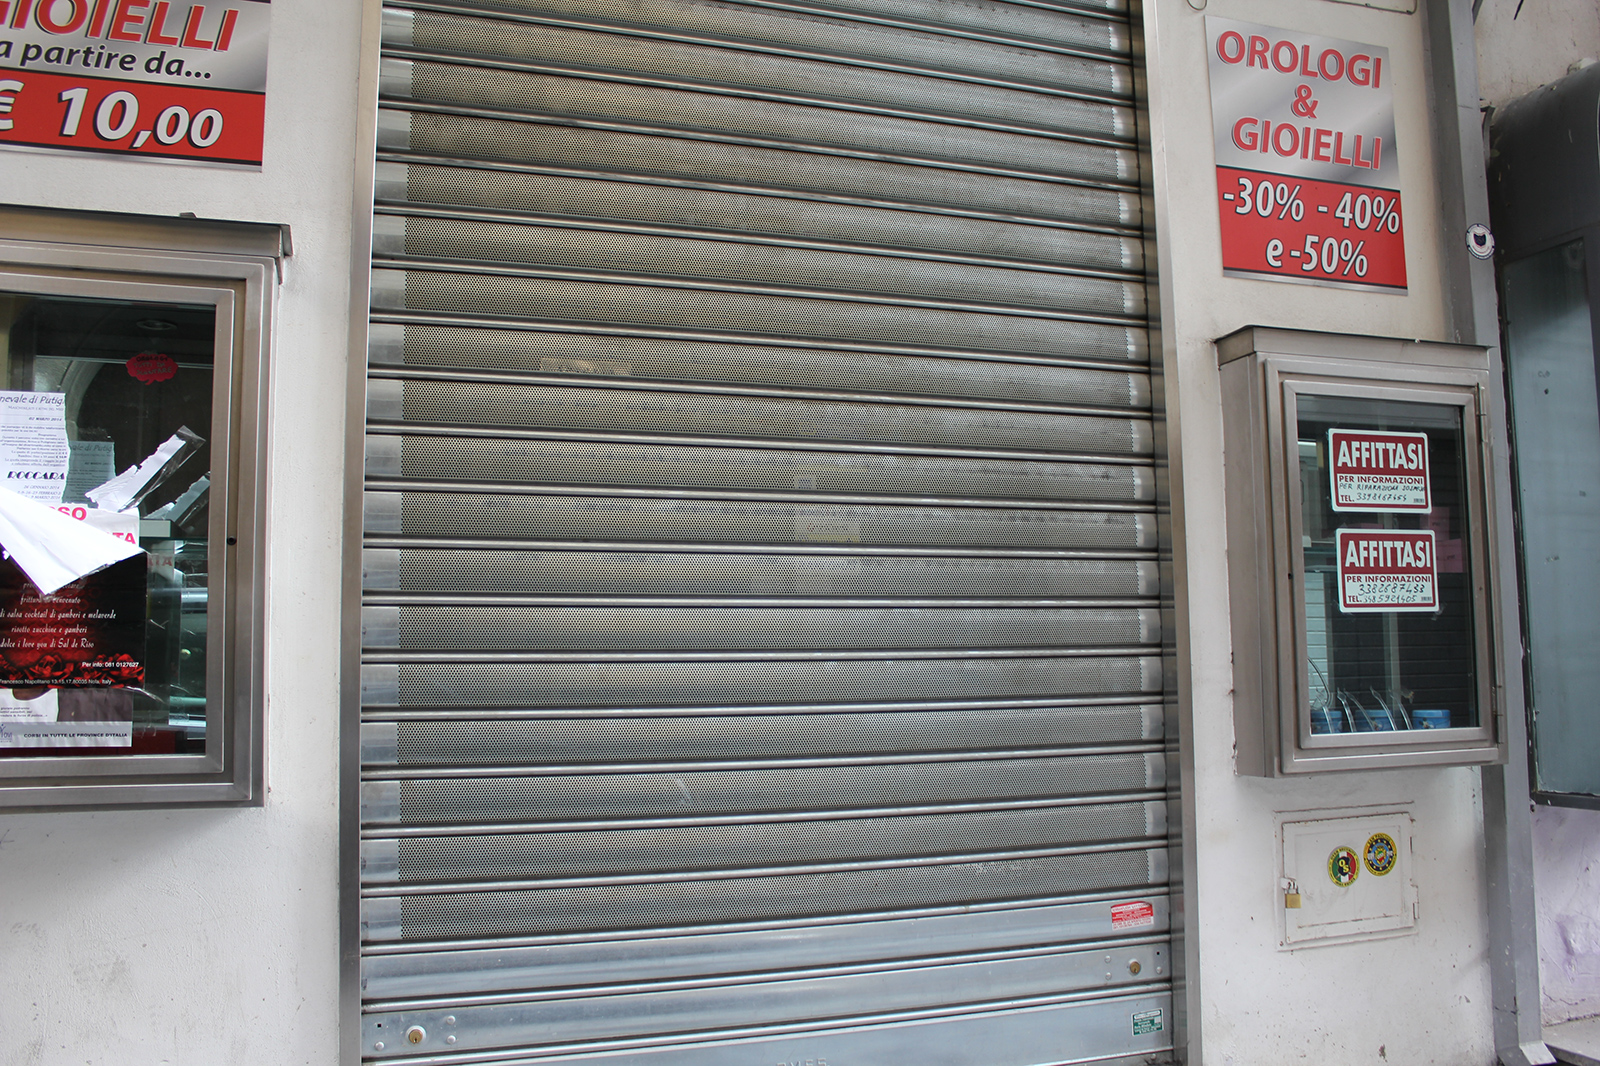 corso-tommaso-vitale-negozi-chiusi-2